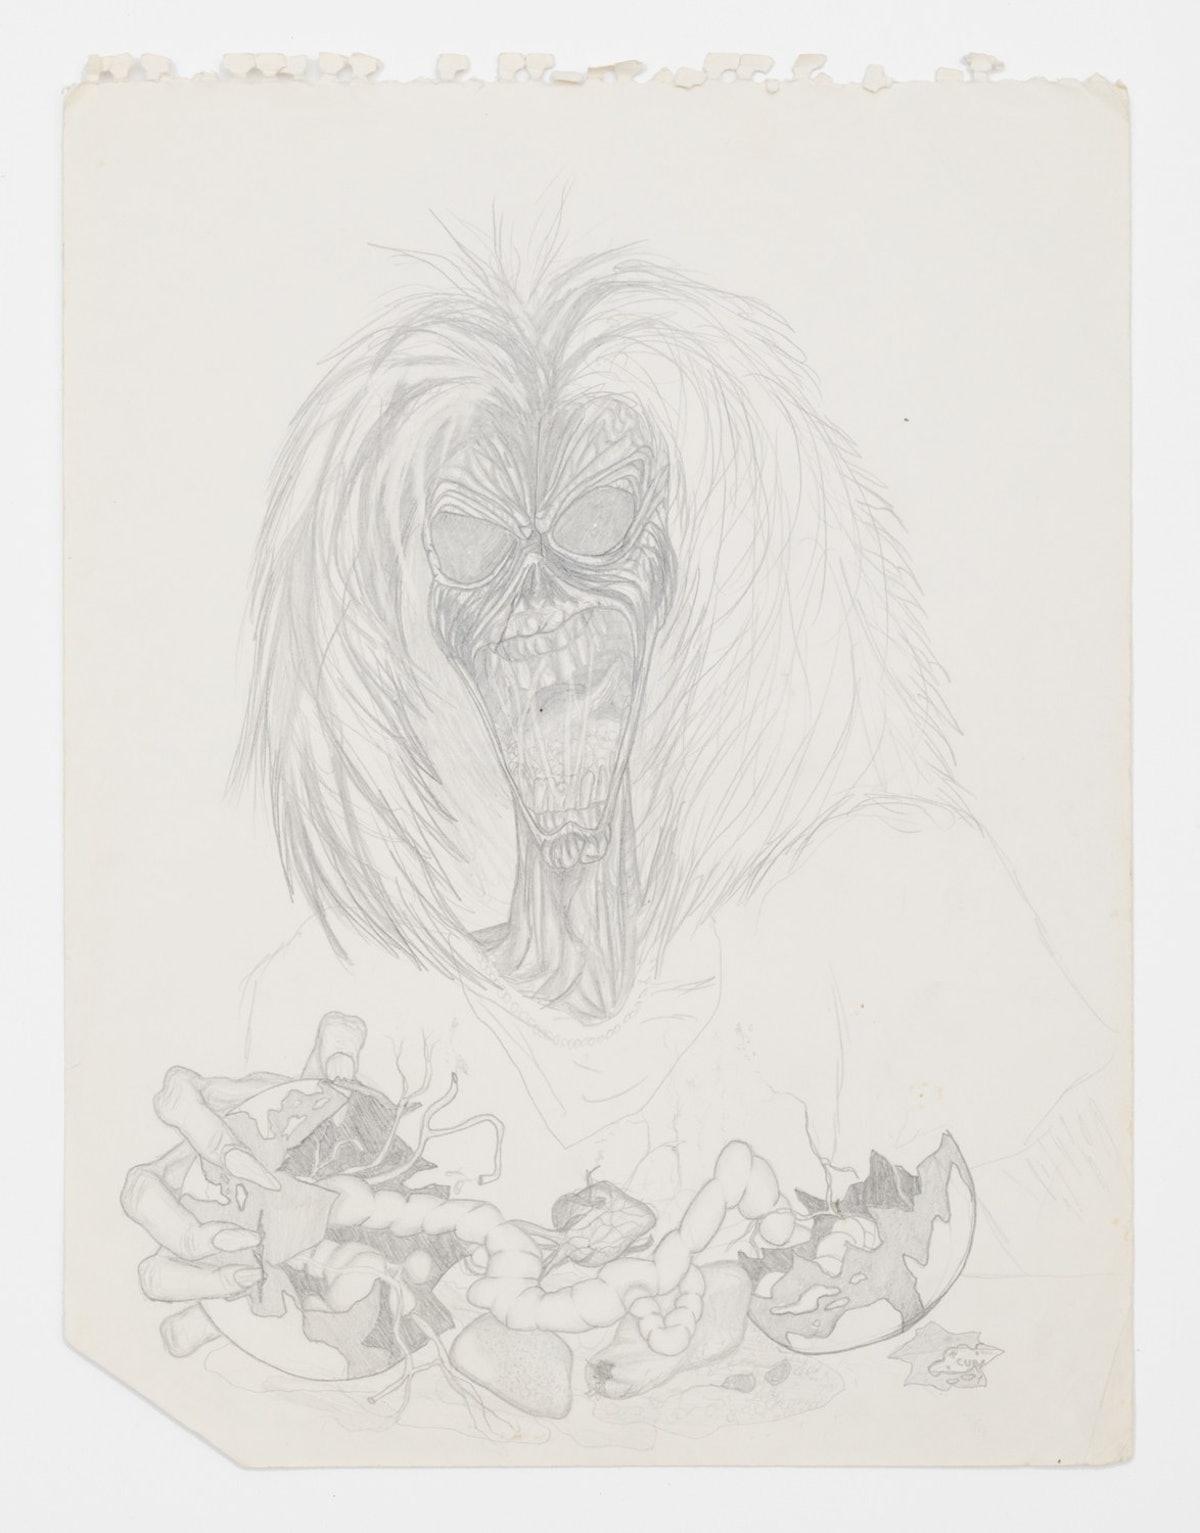 Kurt Cobain_Head Drawing.jpg